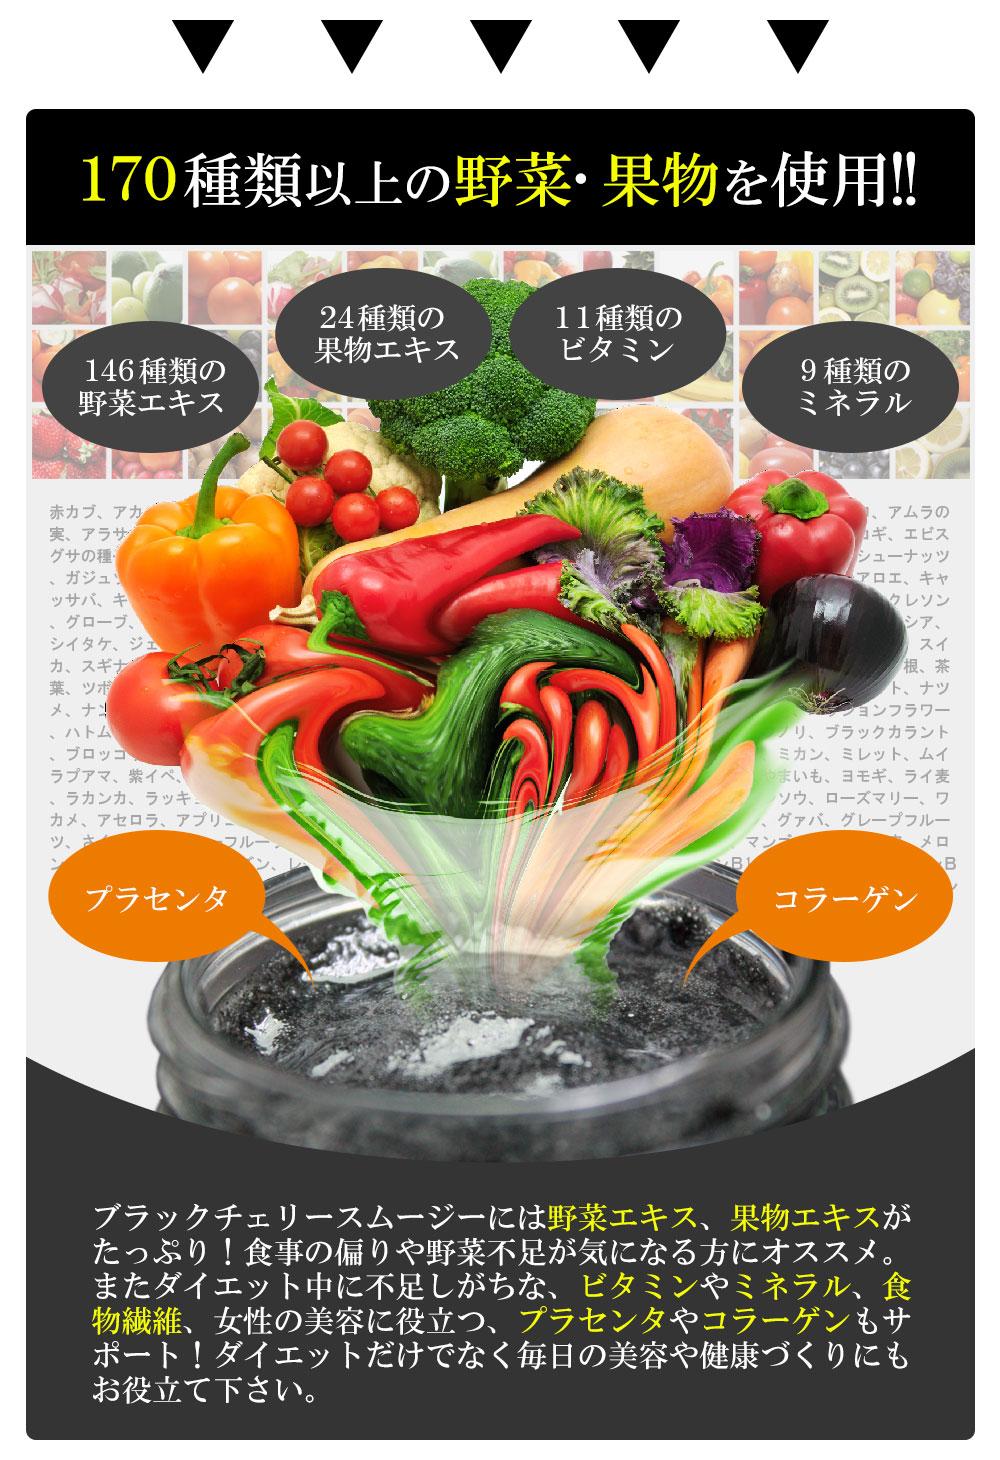 ブラックチェリースムージーダイエットの効果・効能!本当に痩せる?